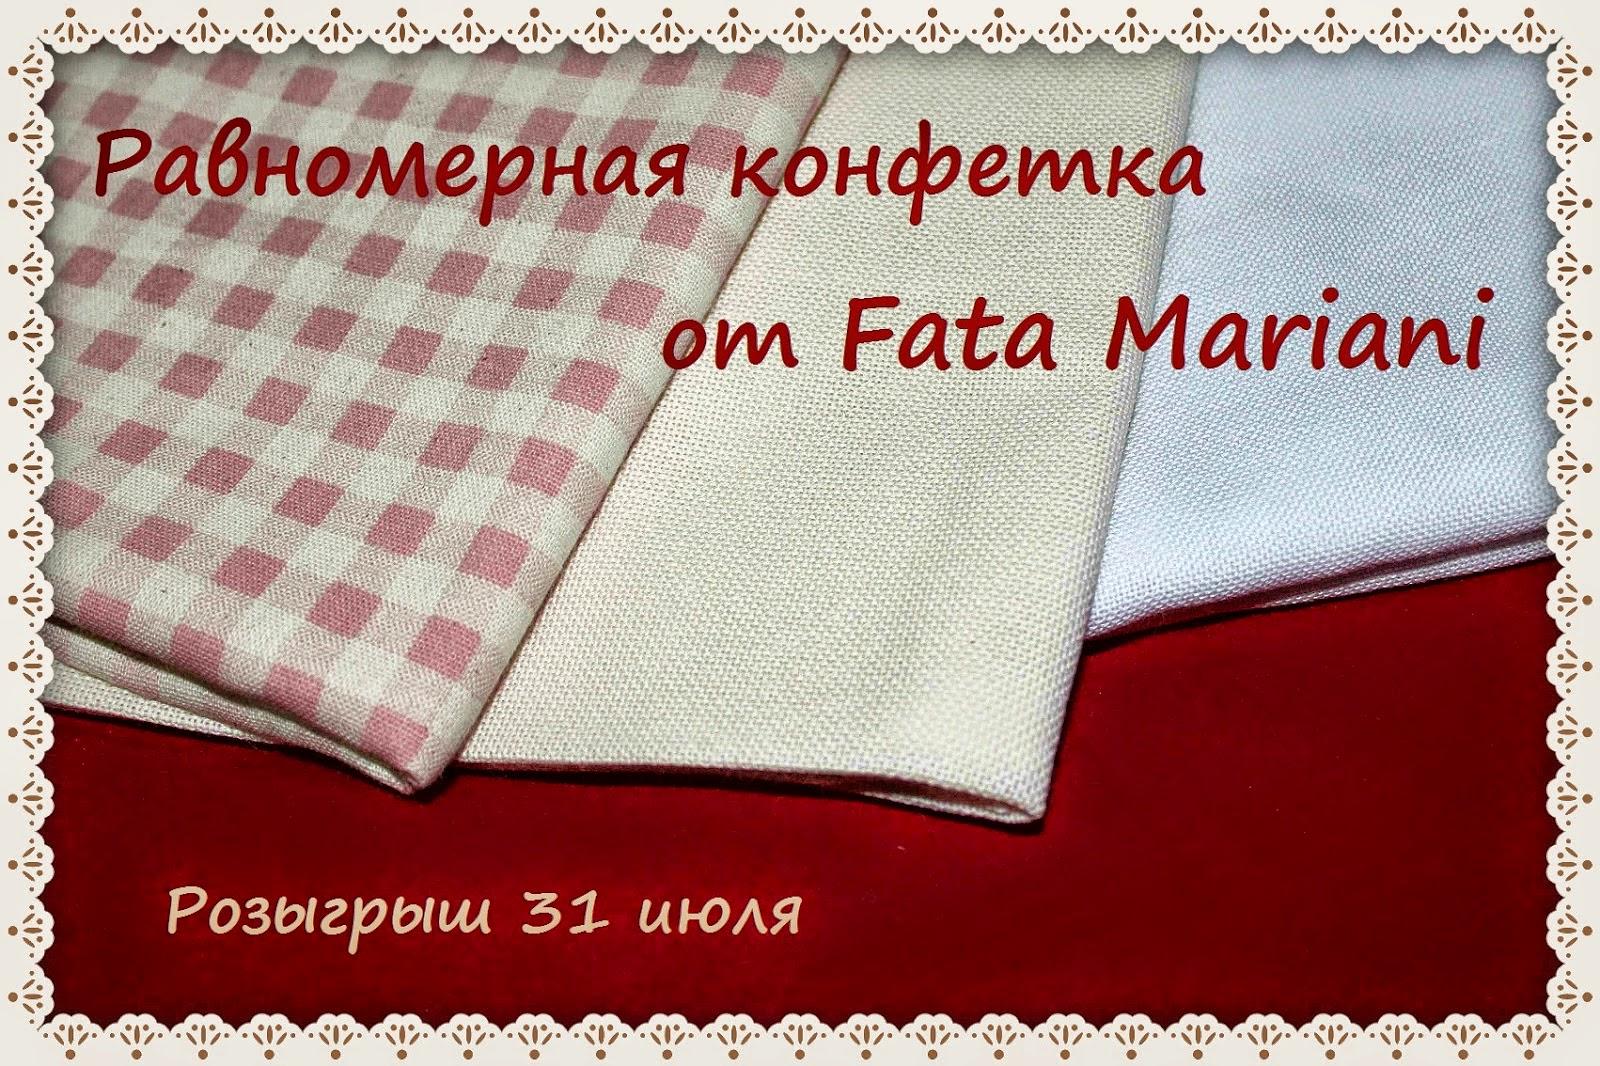 Конфетка от Фаты